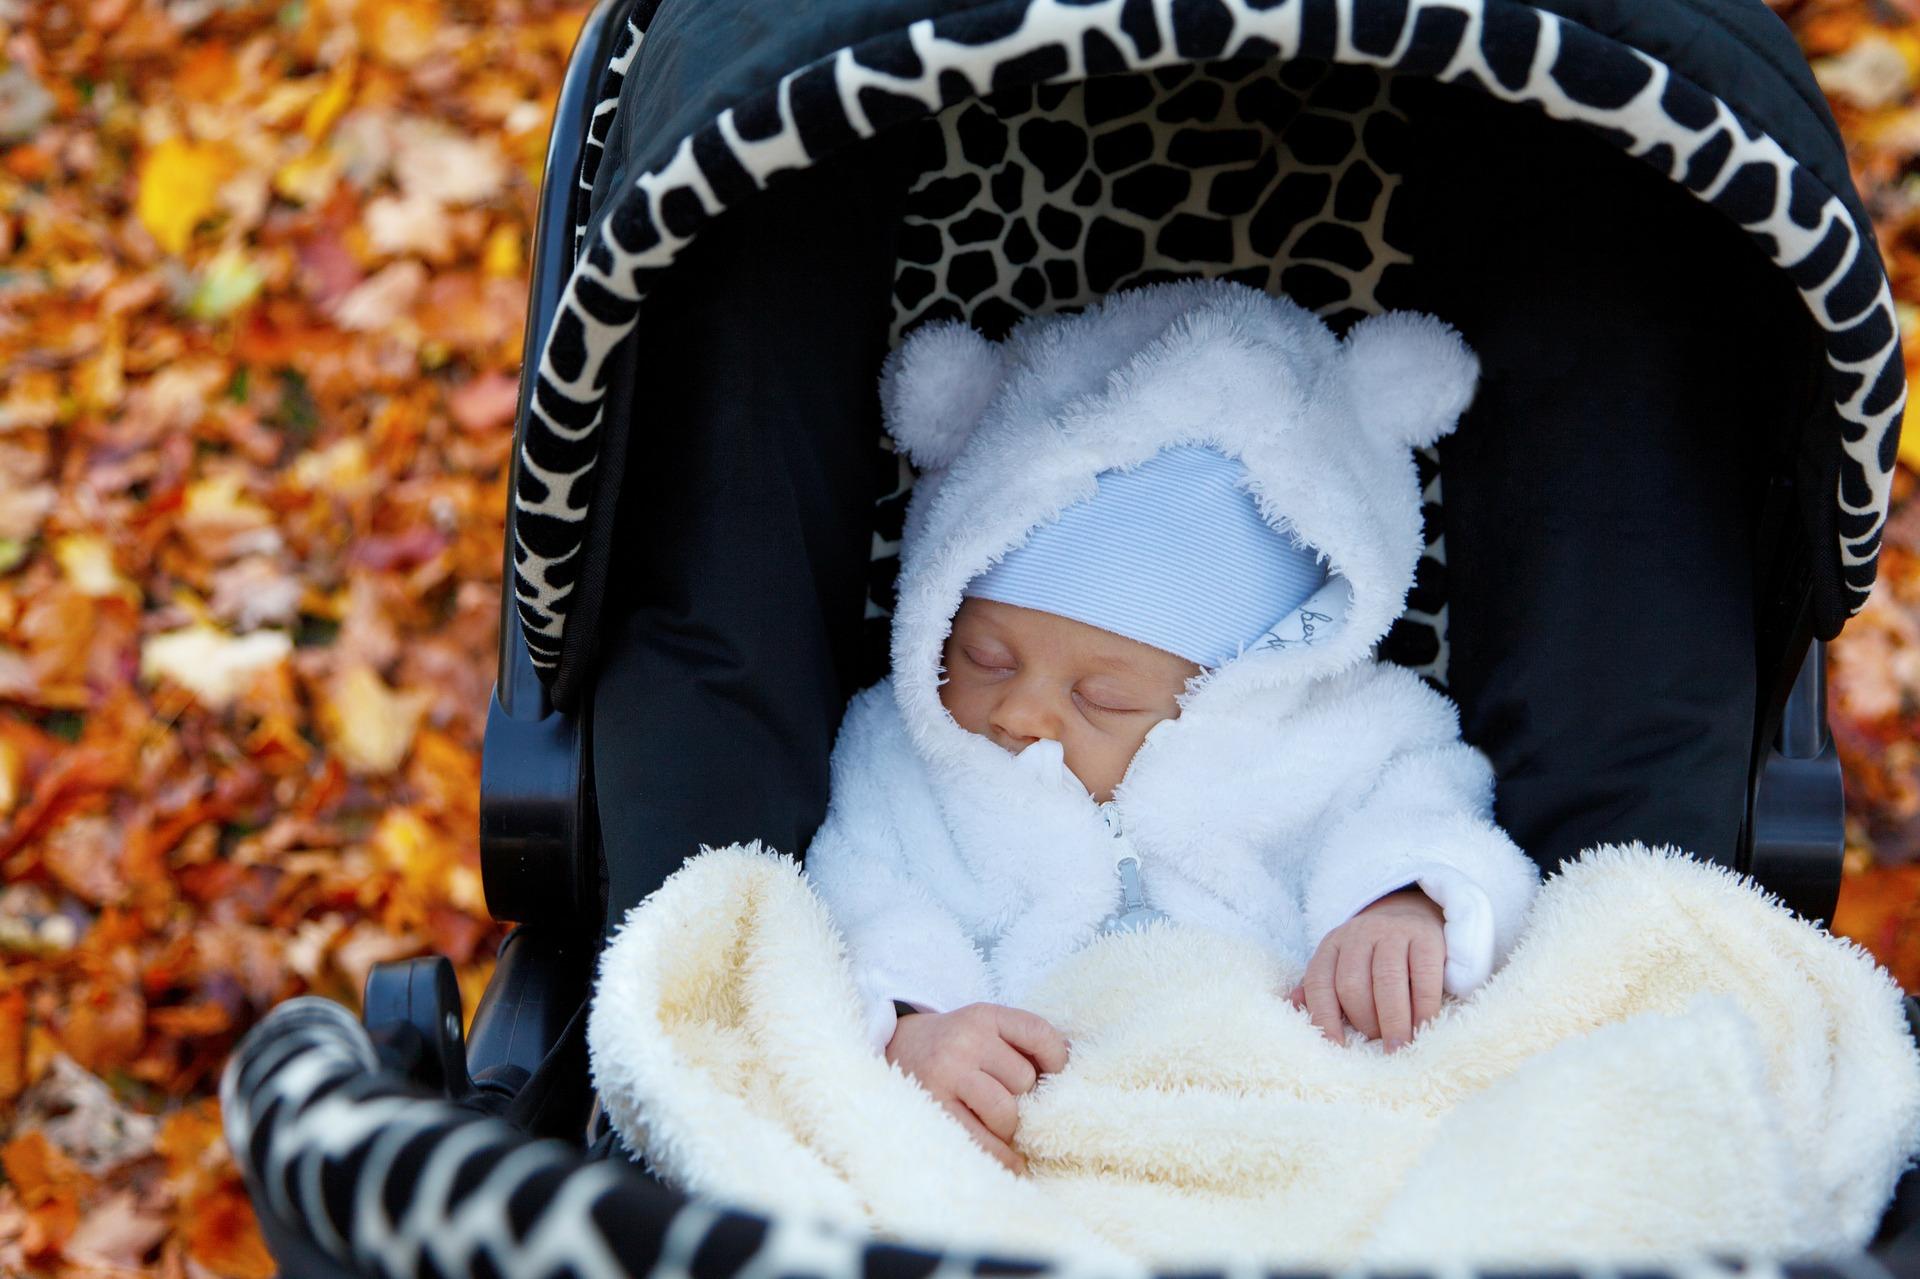 Прогулка с новорожденным младенцем